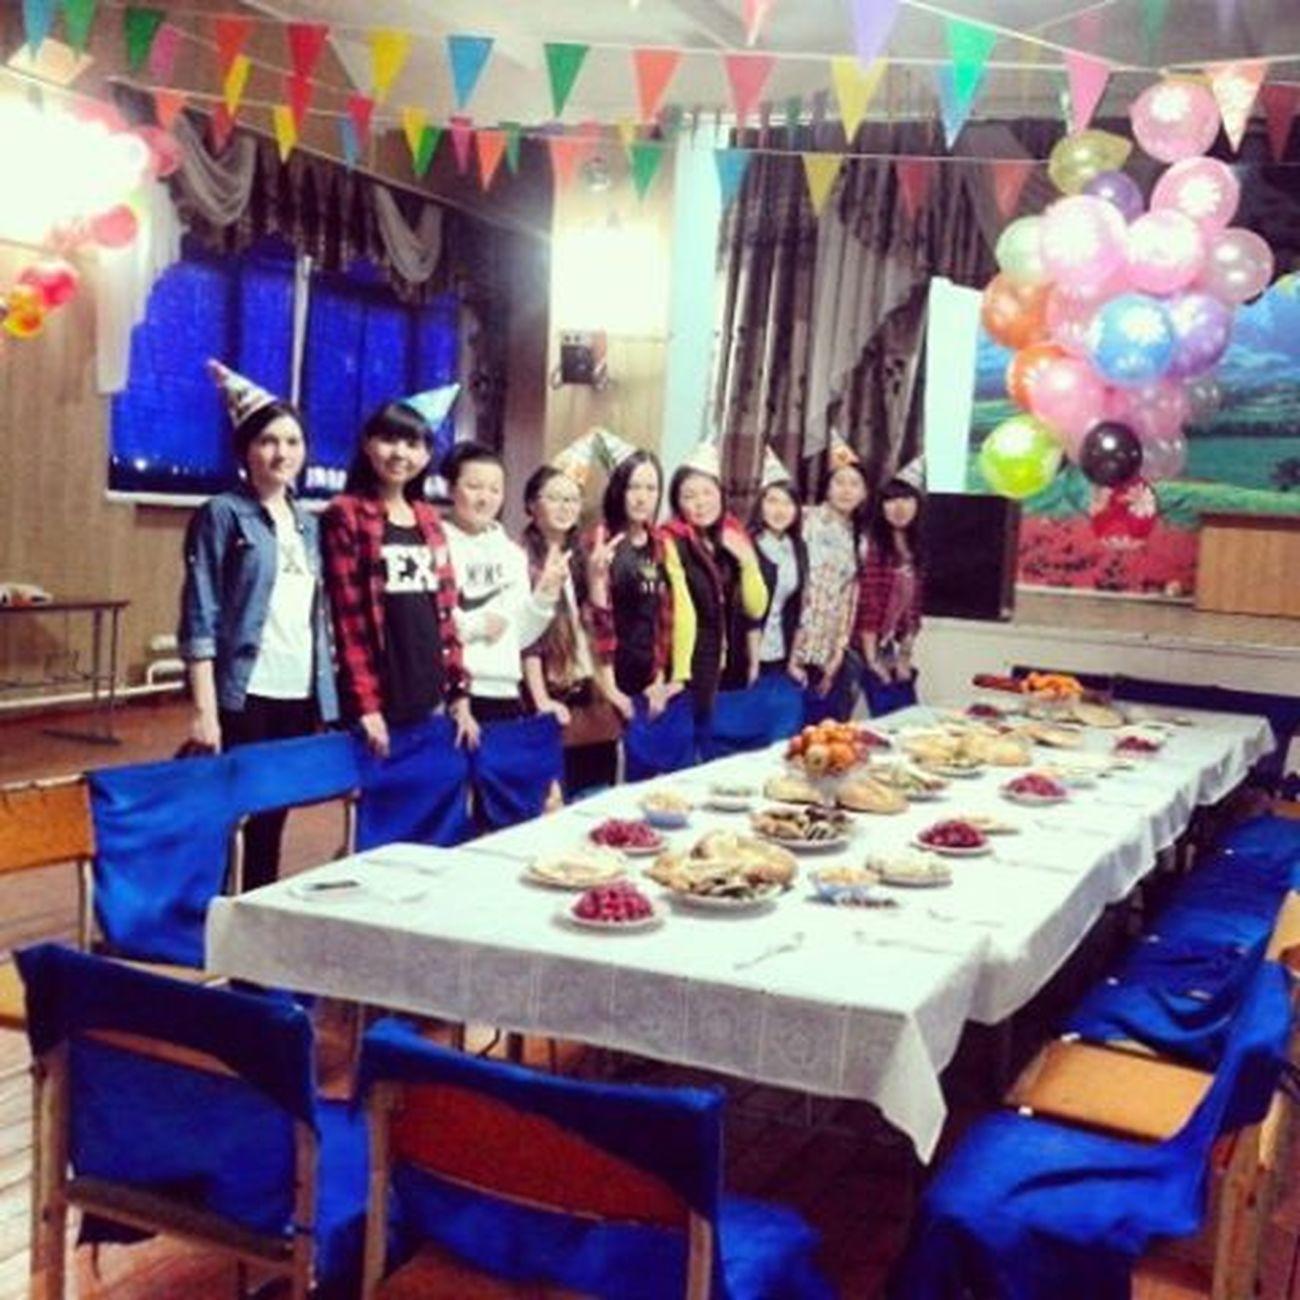 Девчата9А ждали_появления_АИ подготовка_ко_дню_рождения самыйклассныйдень КарыбекуулуАкматаалы (photobystar)